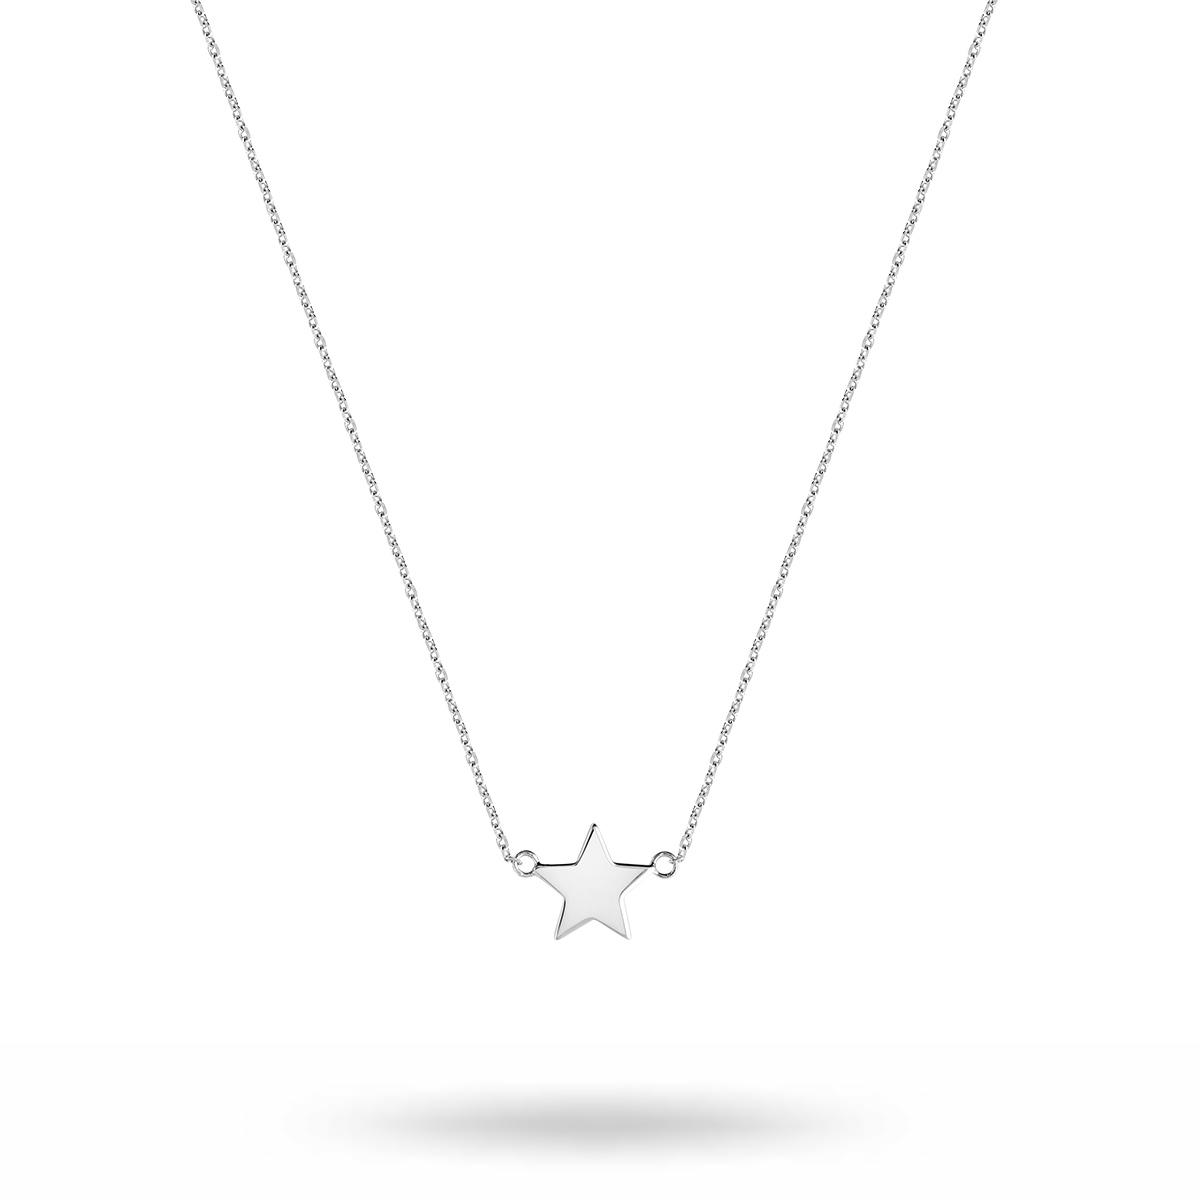 Mini_star_necklace_Silver_1_